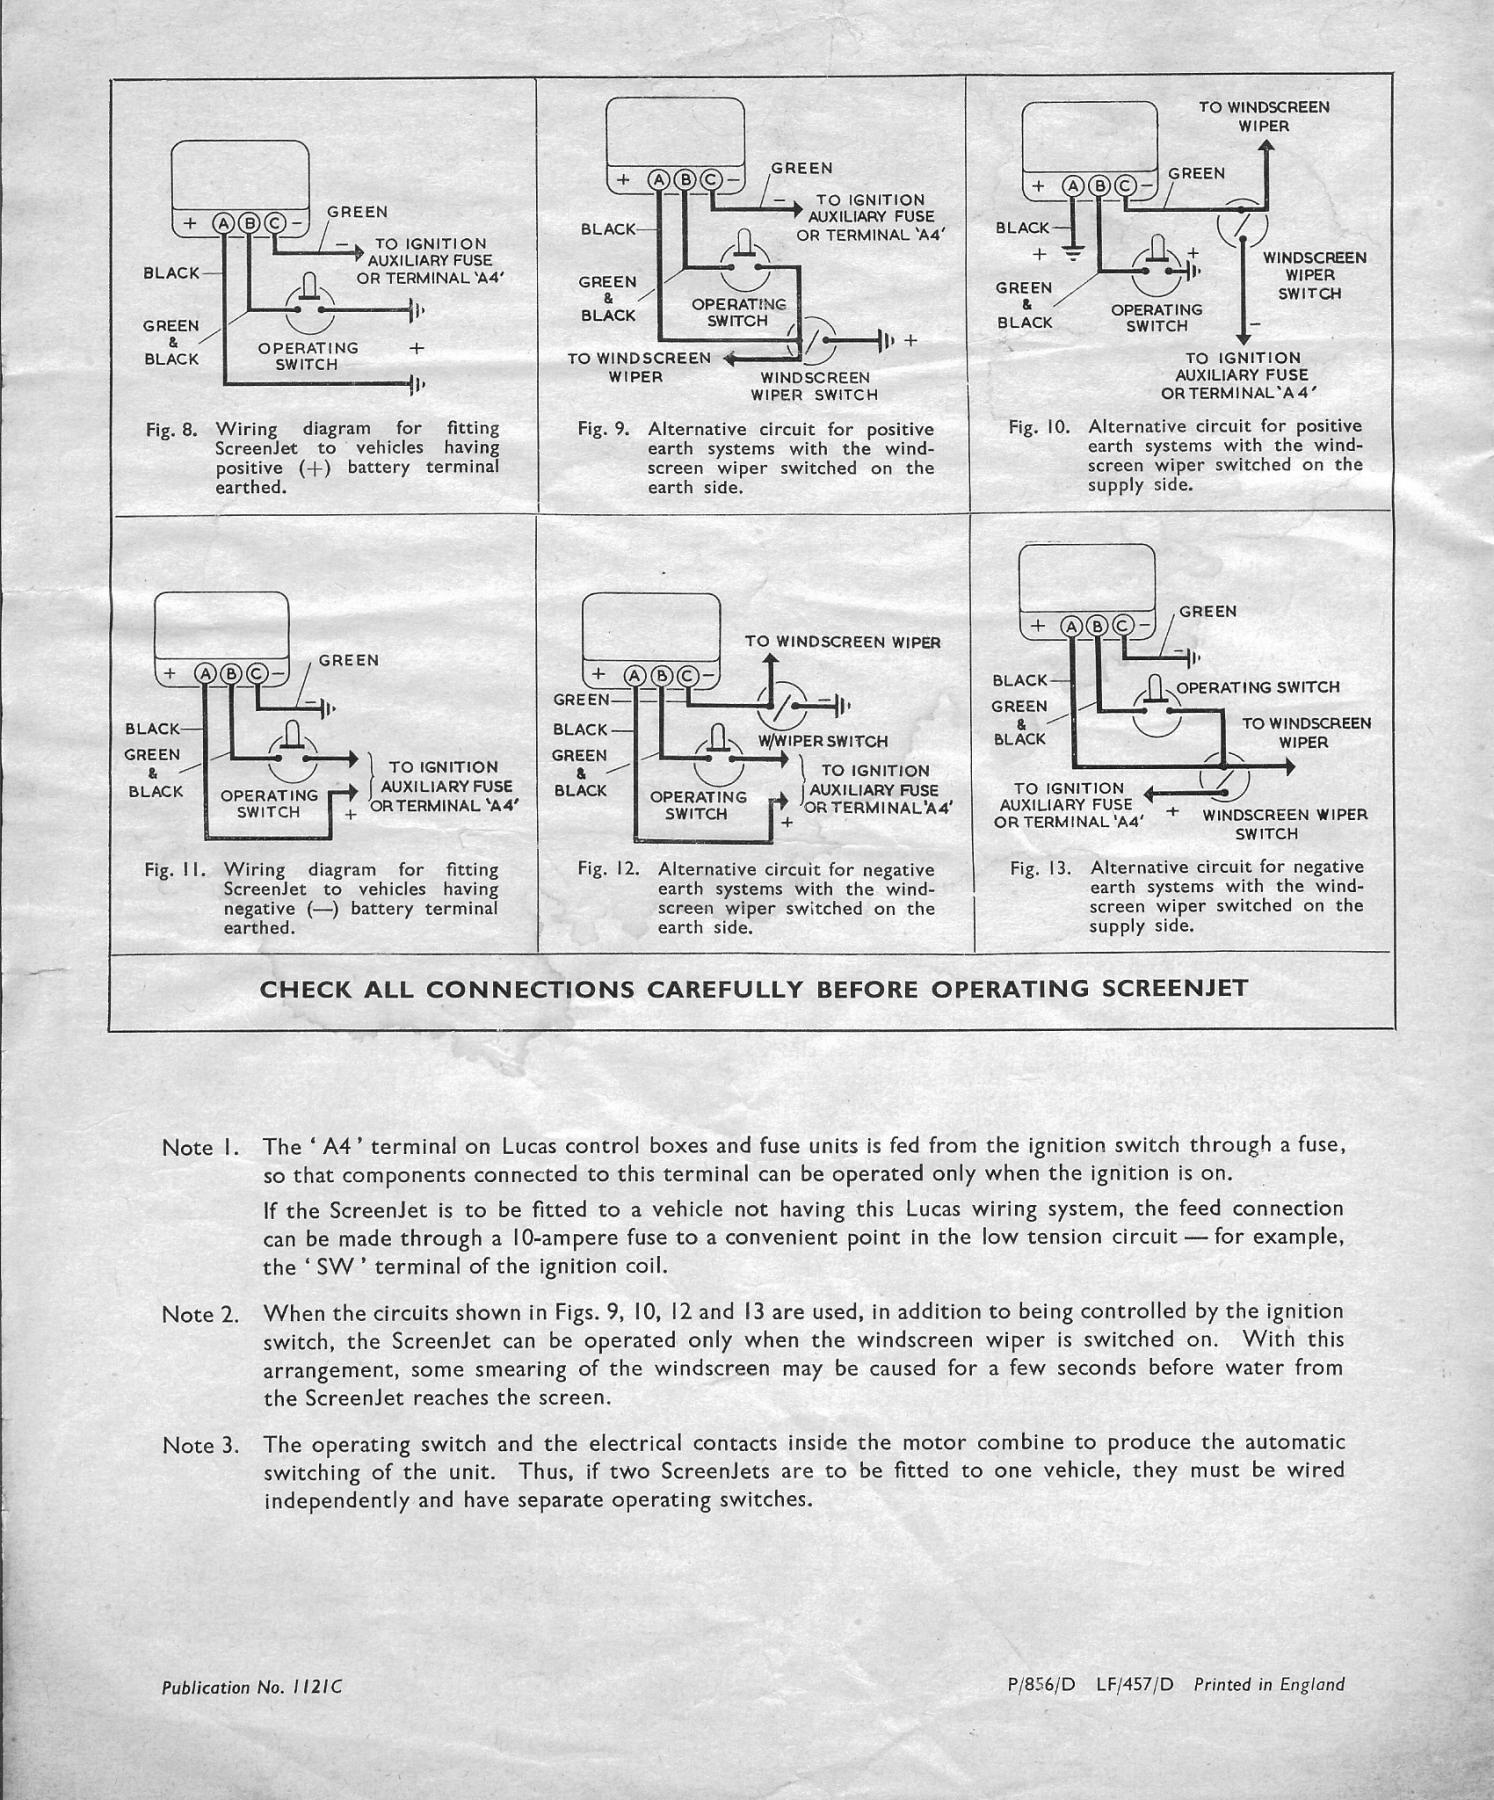 jaguar 340 wiring diagram